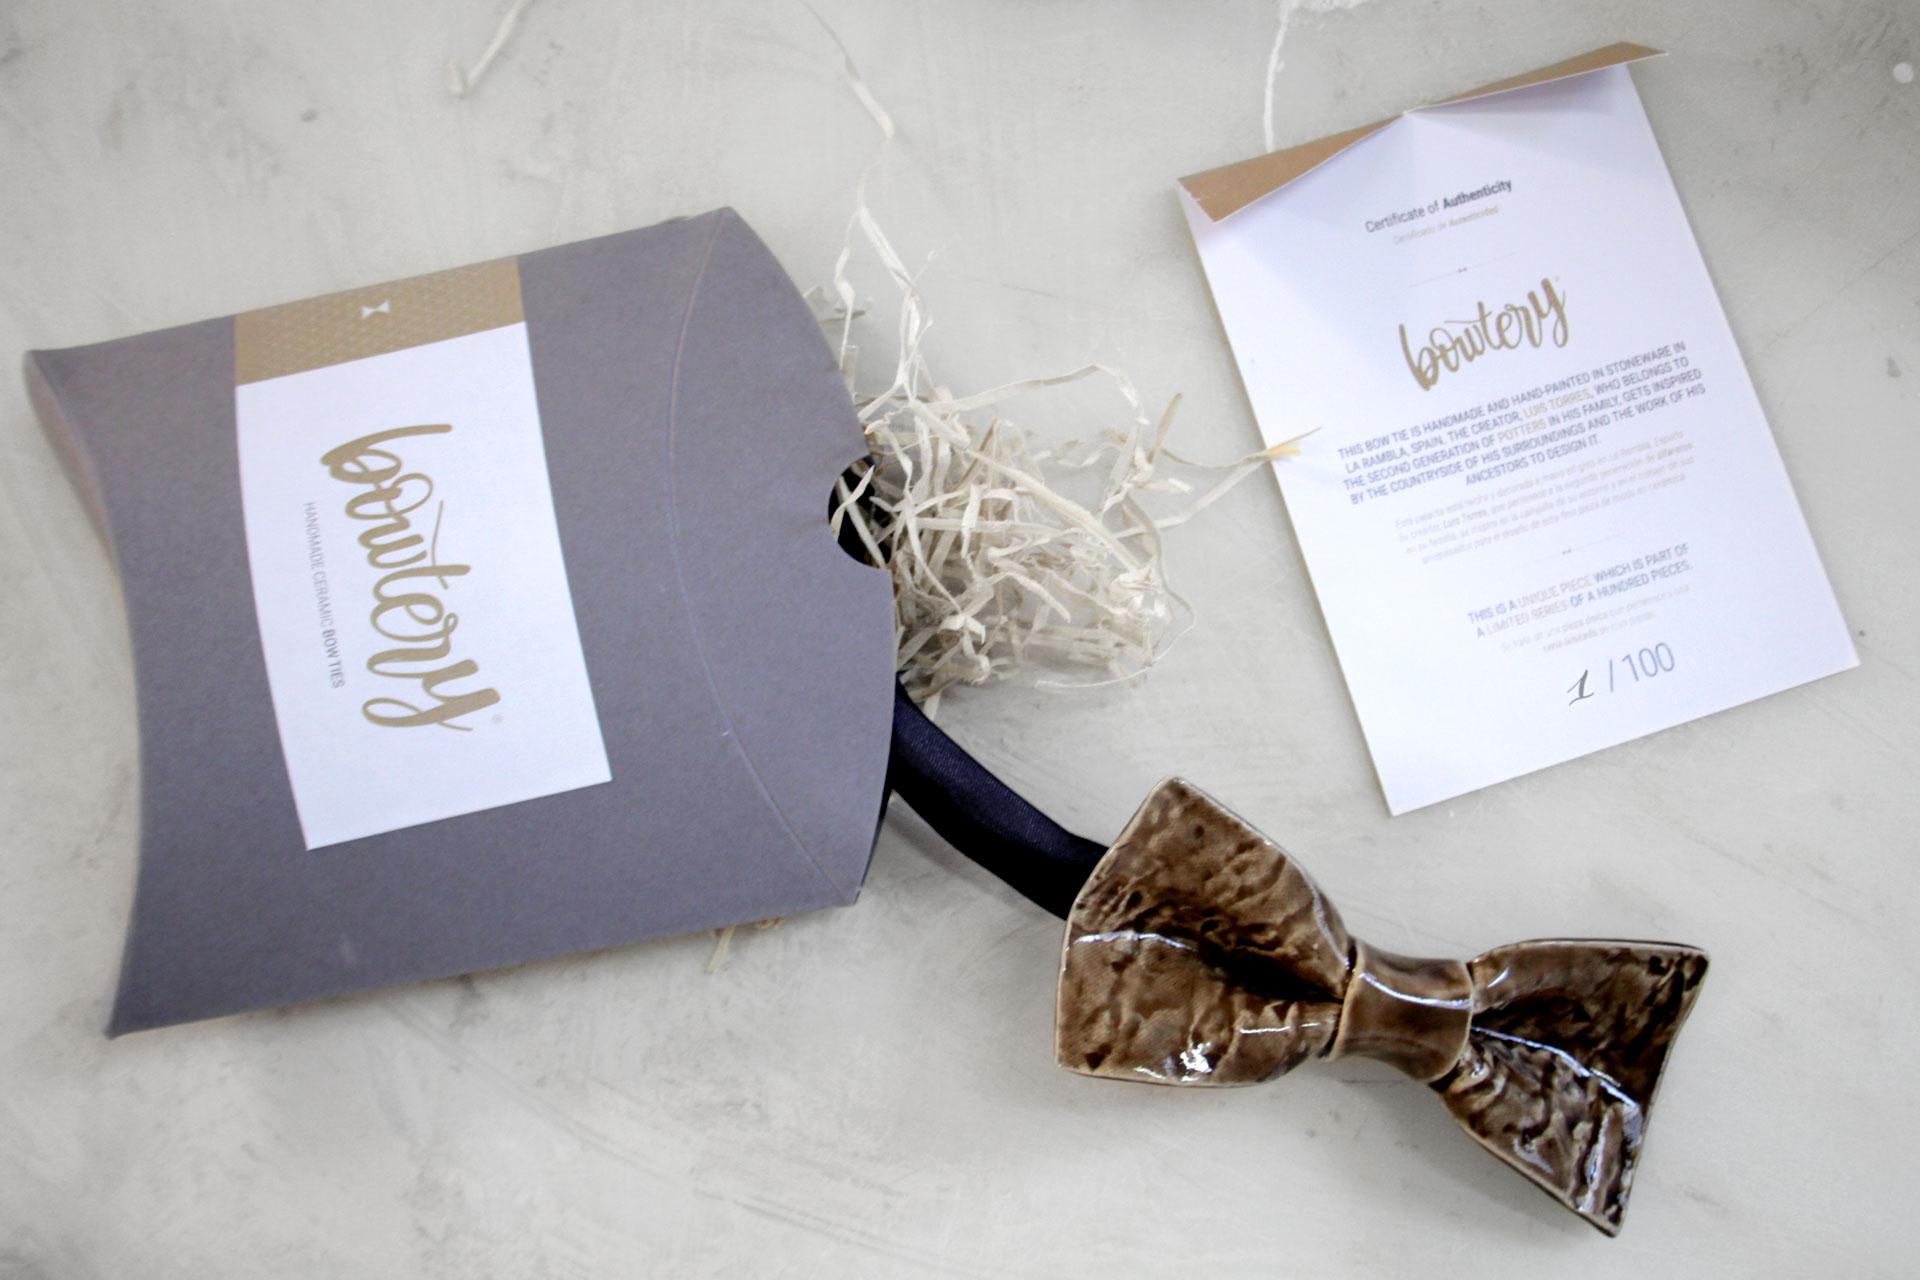 Bowtery, pajarita de ceramica, certificado de autenticidad y packaging